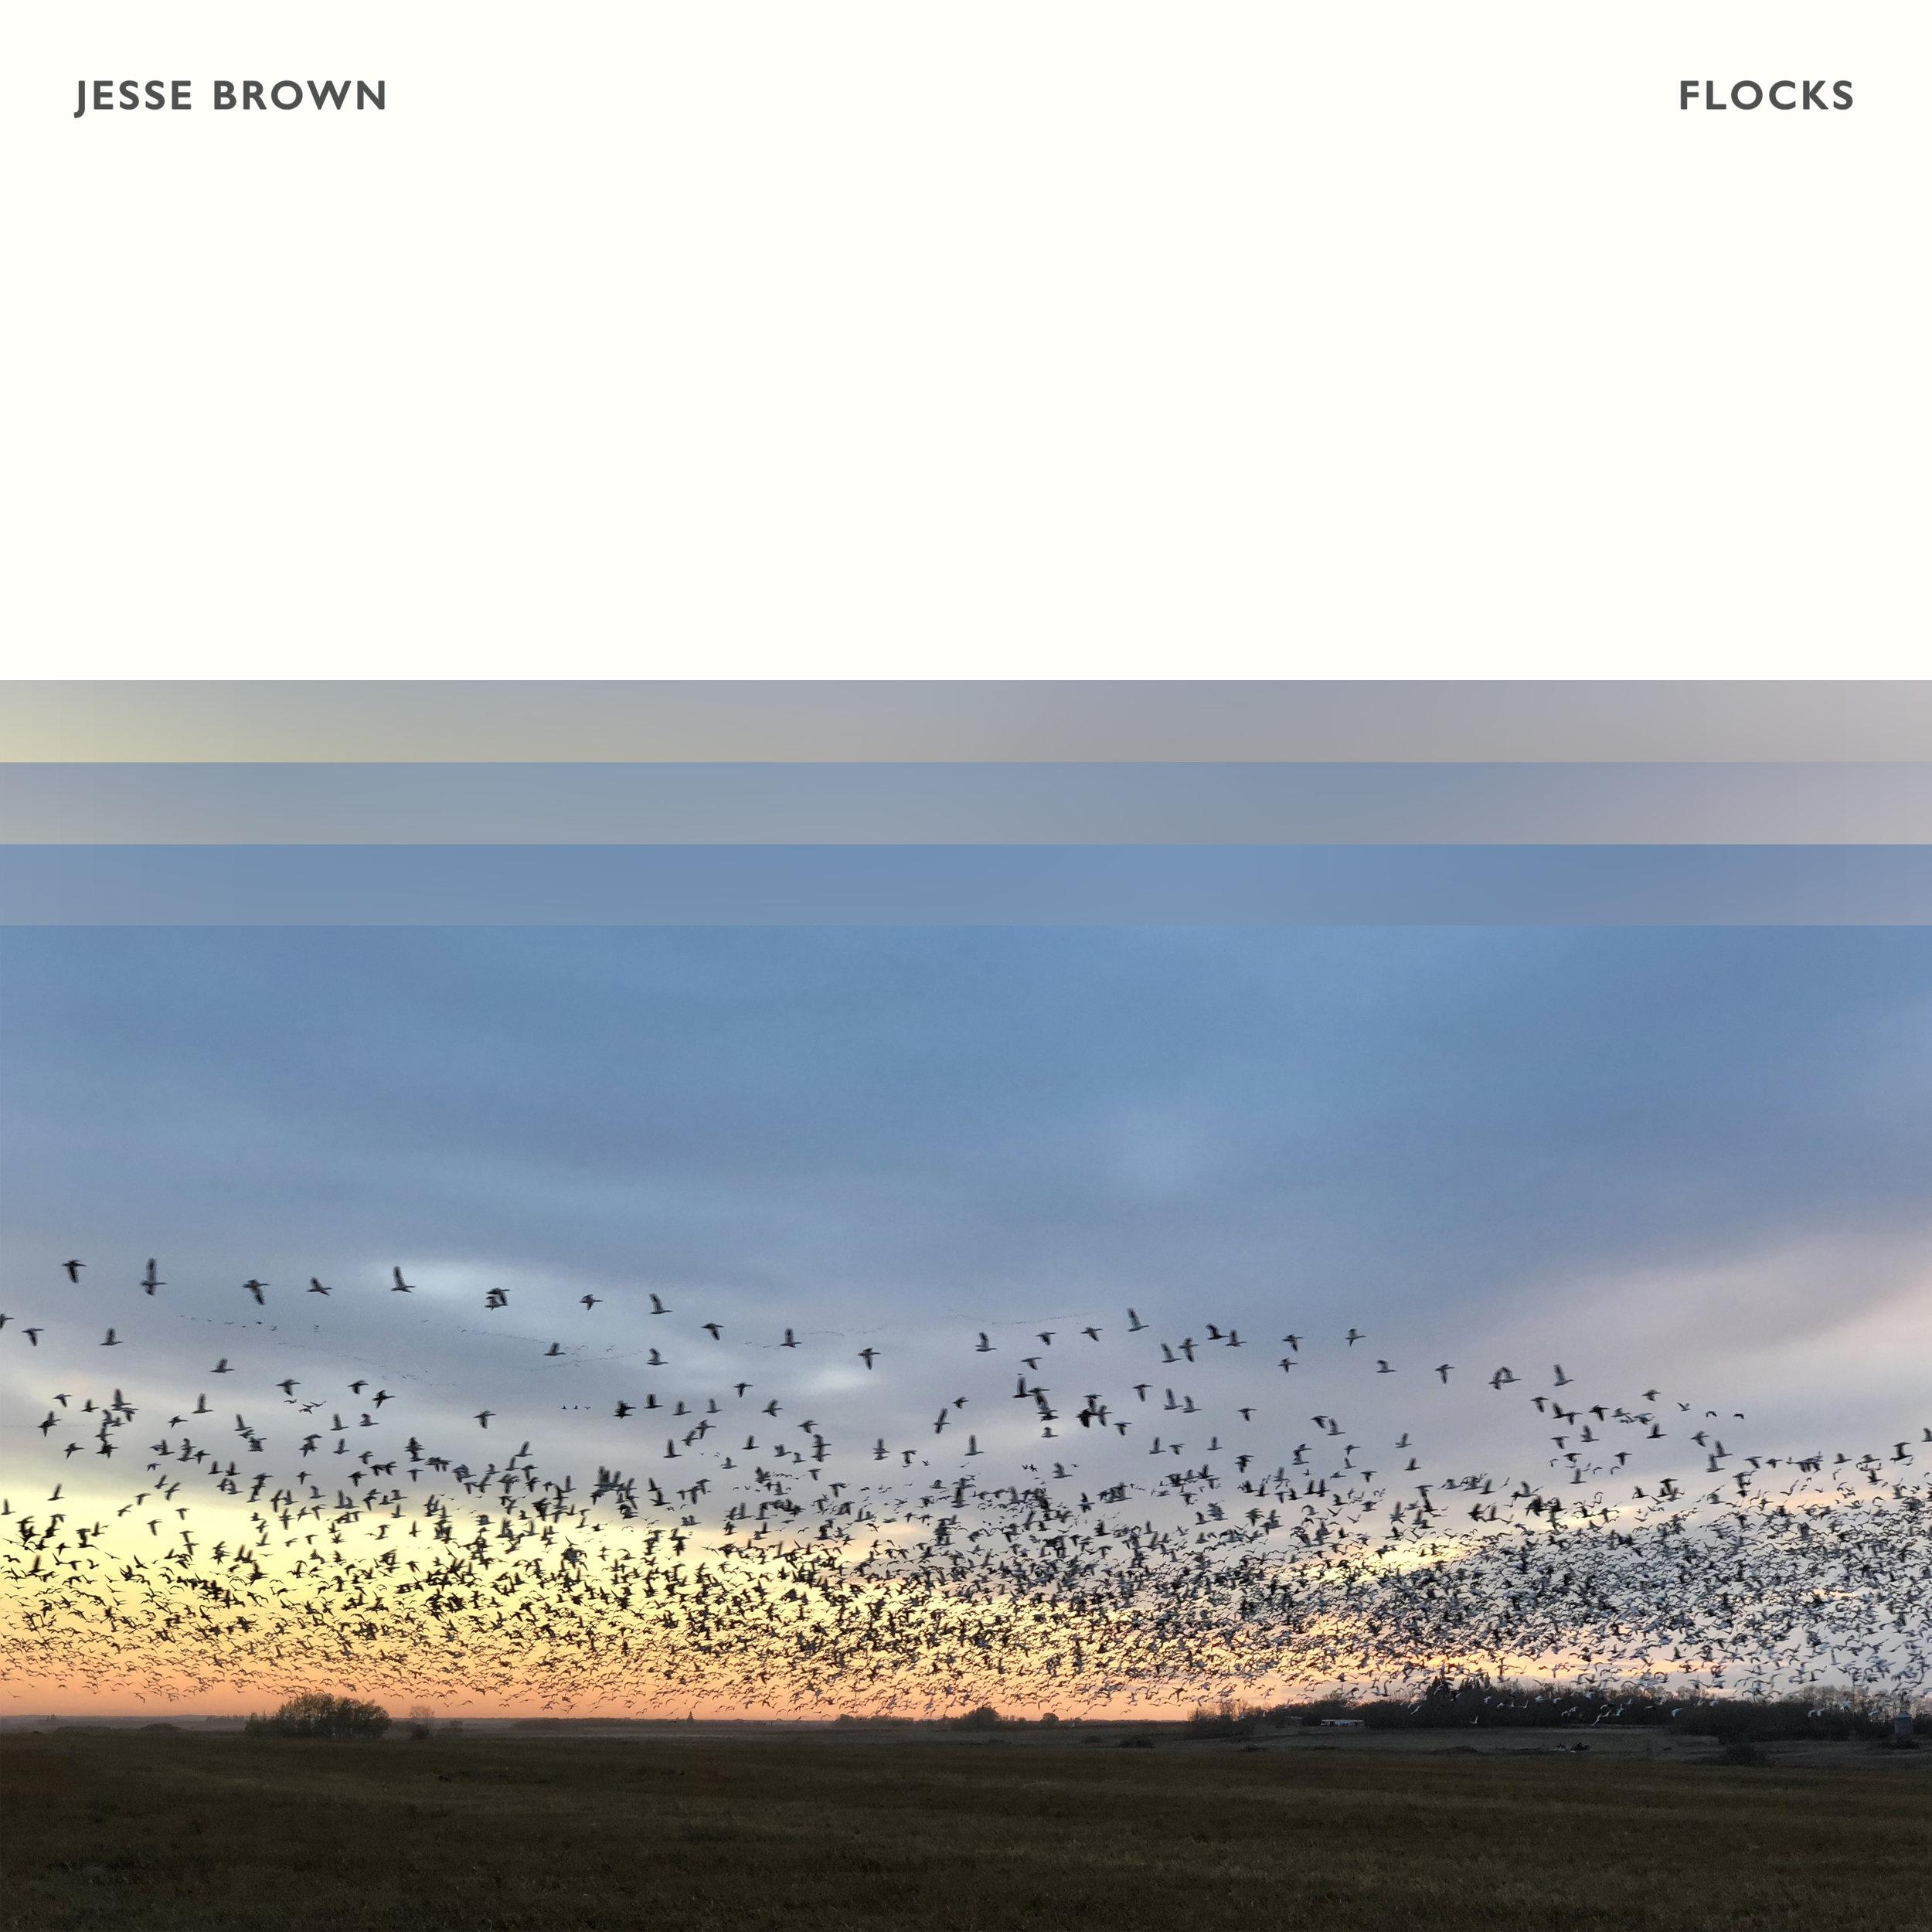 Jesse Brown - Flocks.jpg